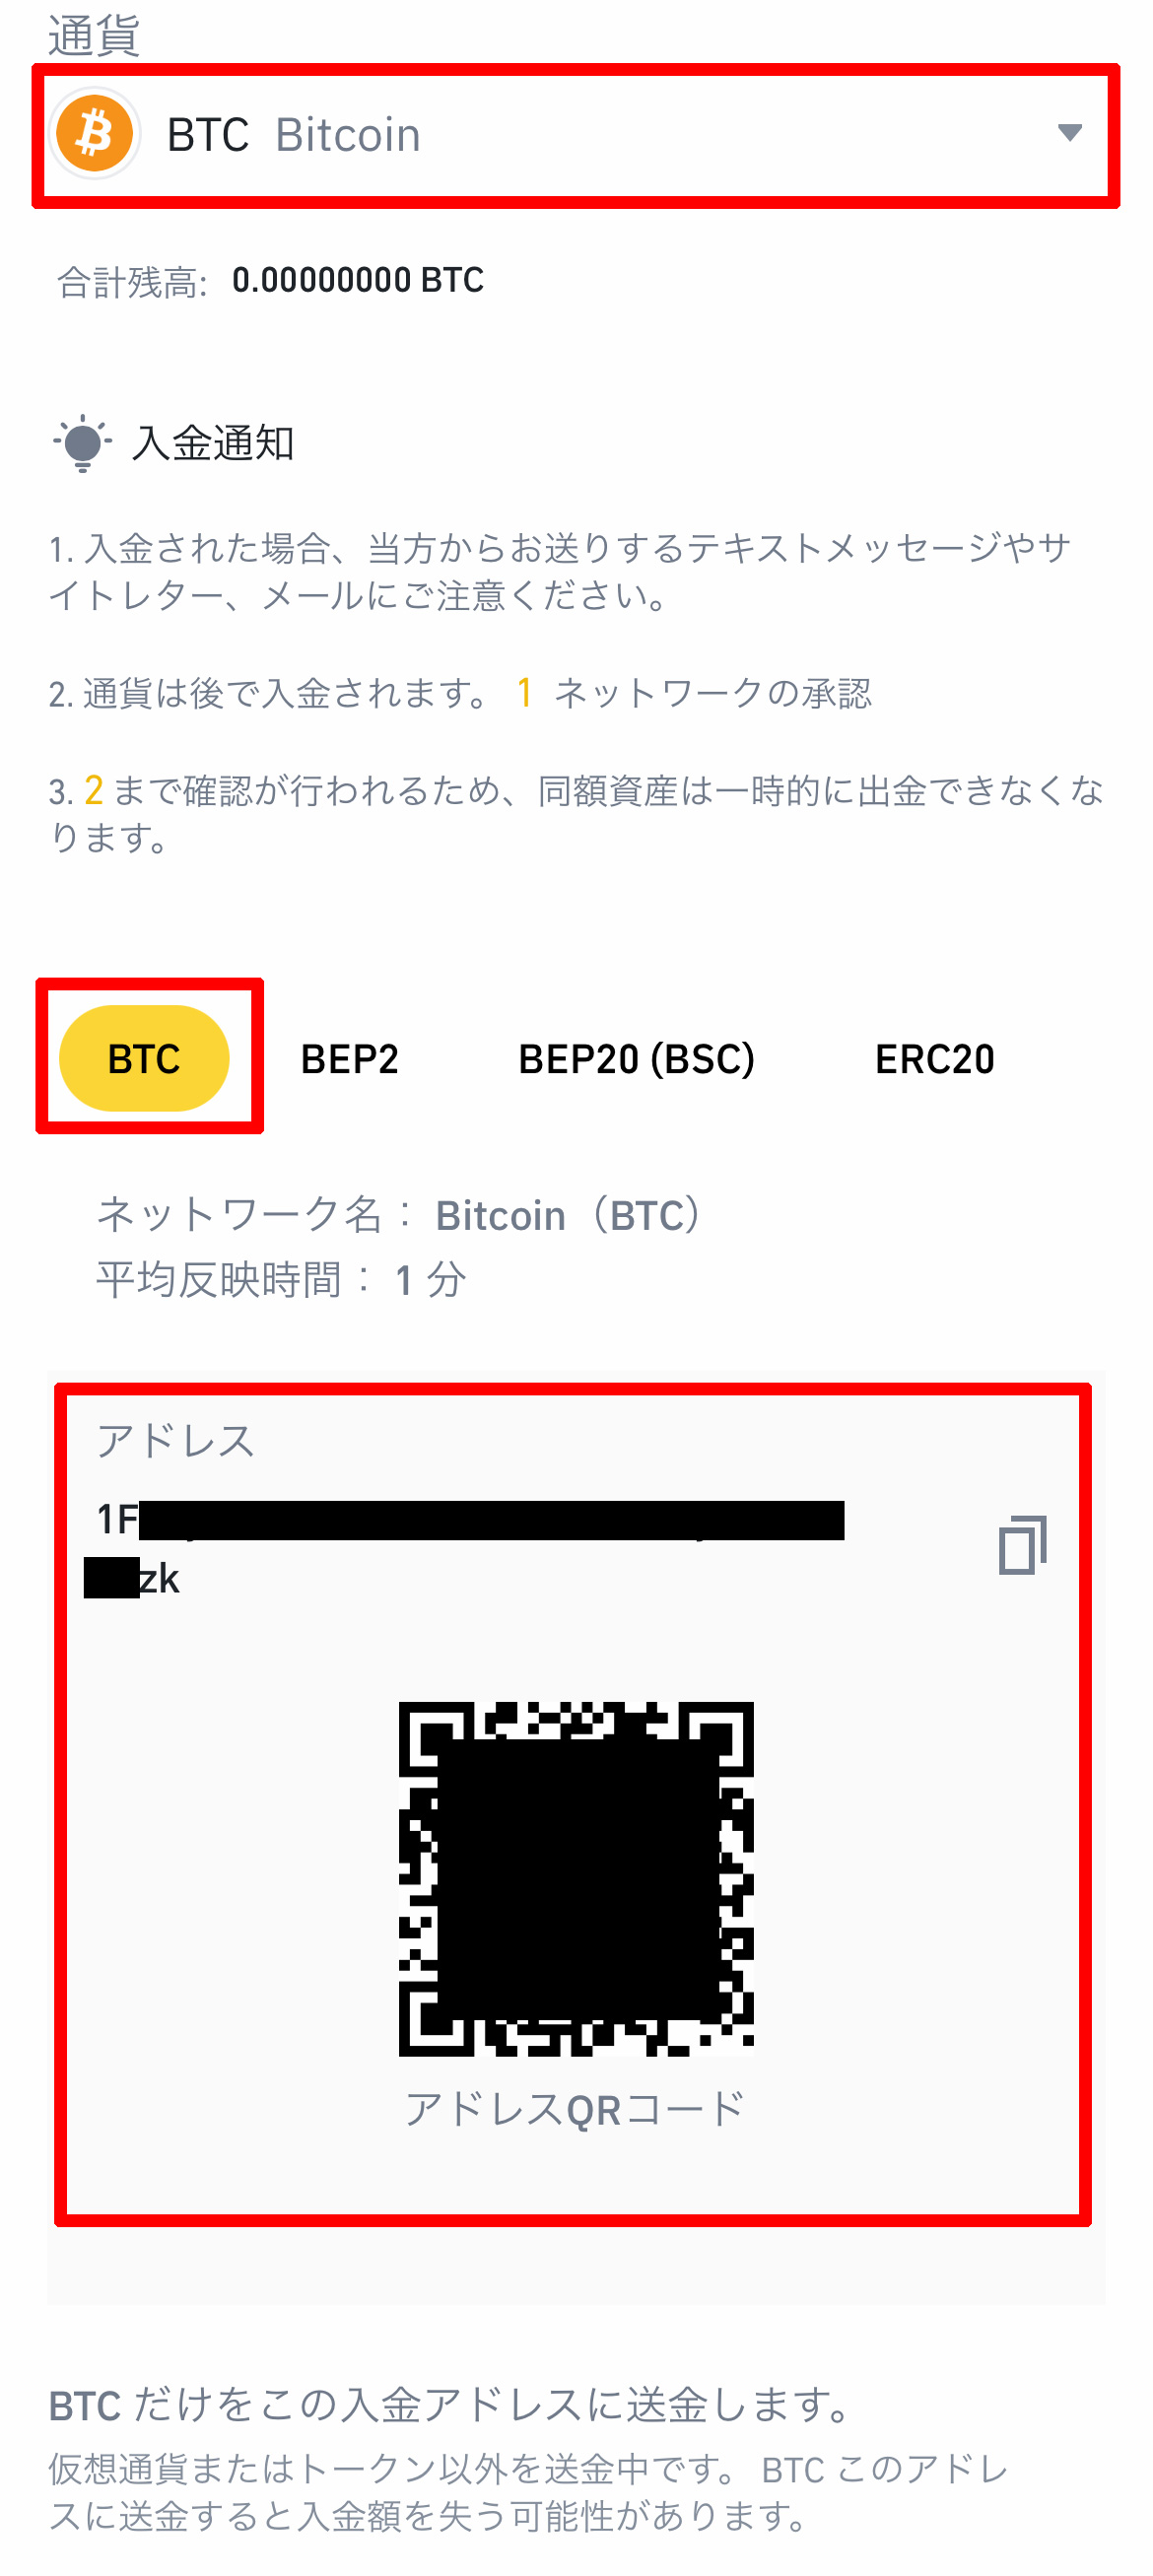 表示された「入金用アドレス」または「入金用QRコード」に仮想通貨を送金